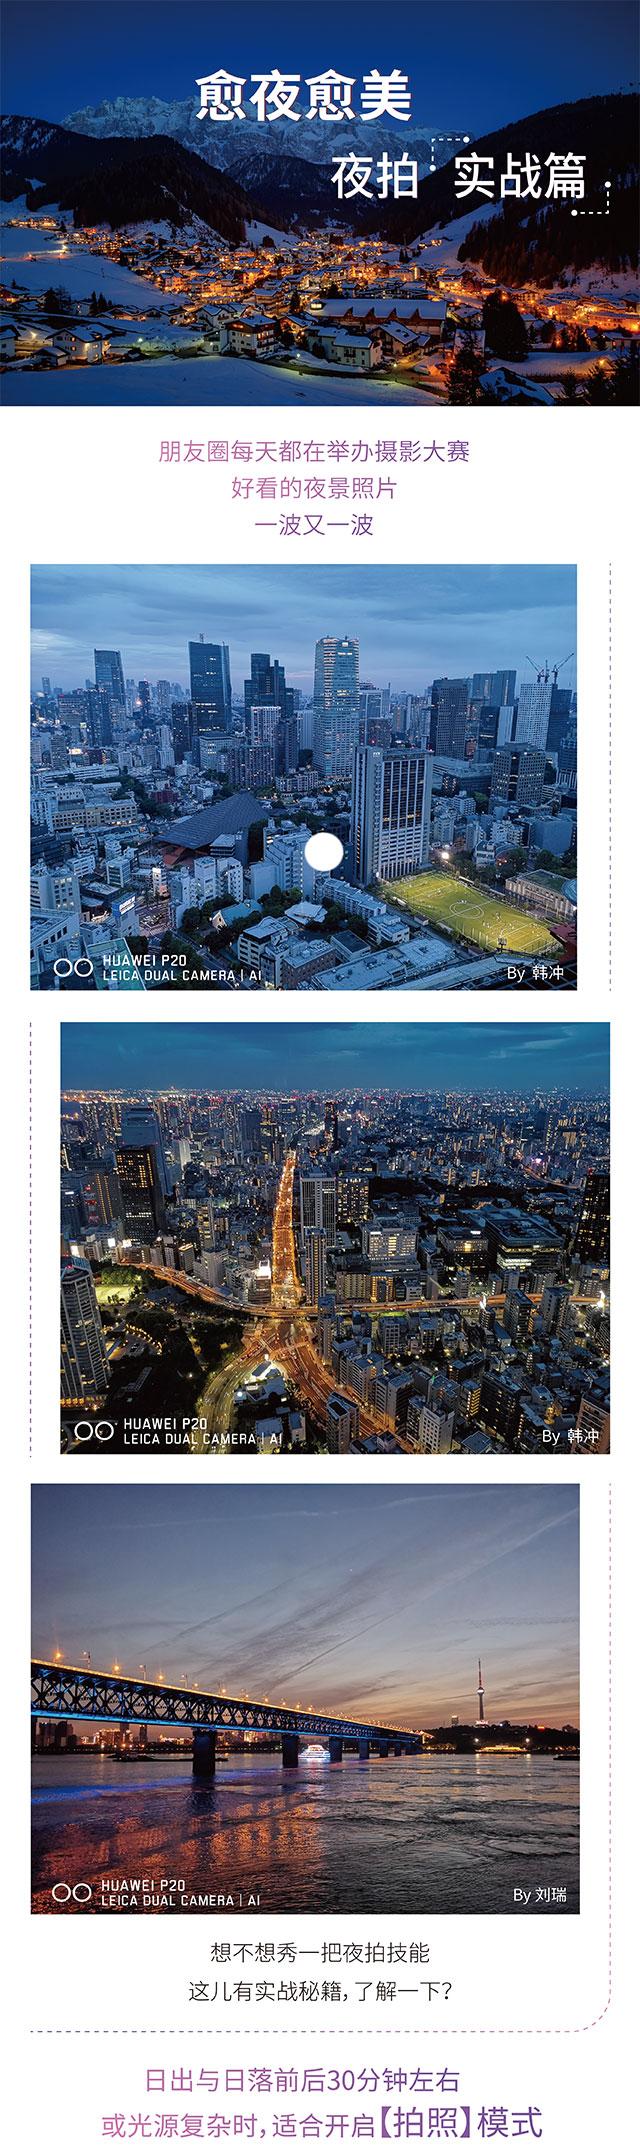 夜景拍照信息图614-2_01_01.jpg